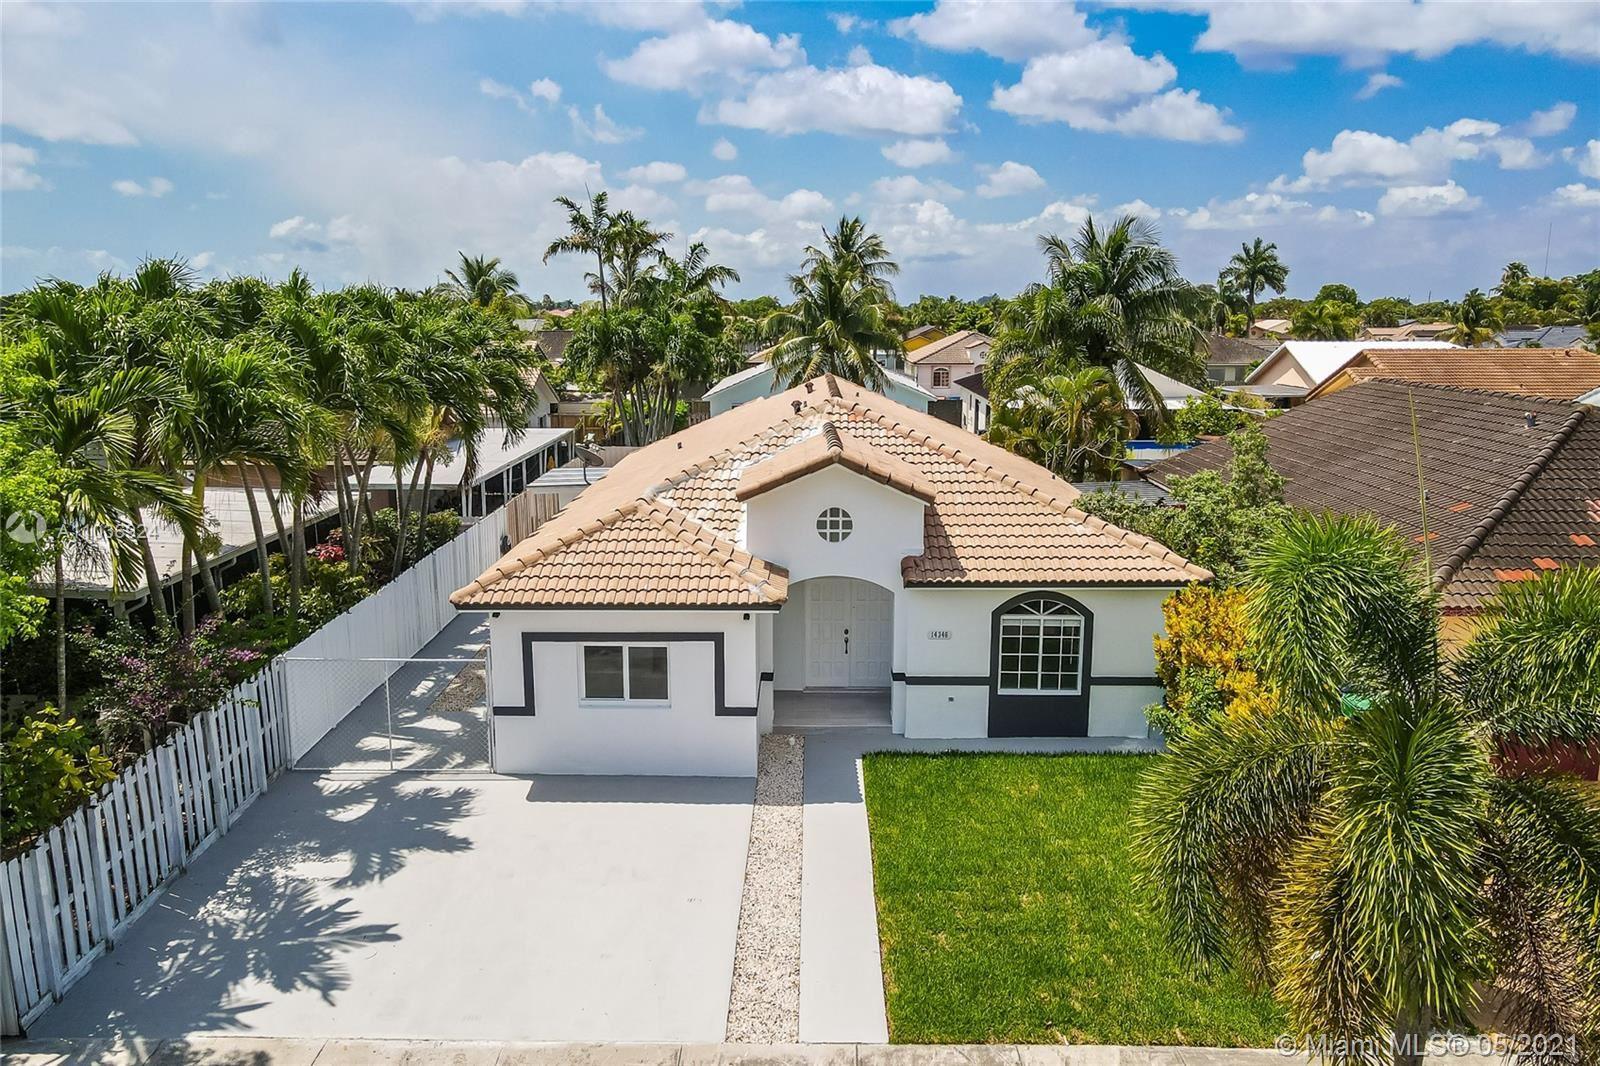 14346 SW 170th Ter, Miami, FL 33177 - #: A11036924